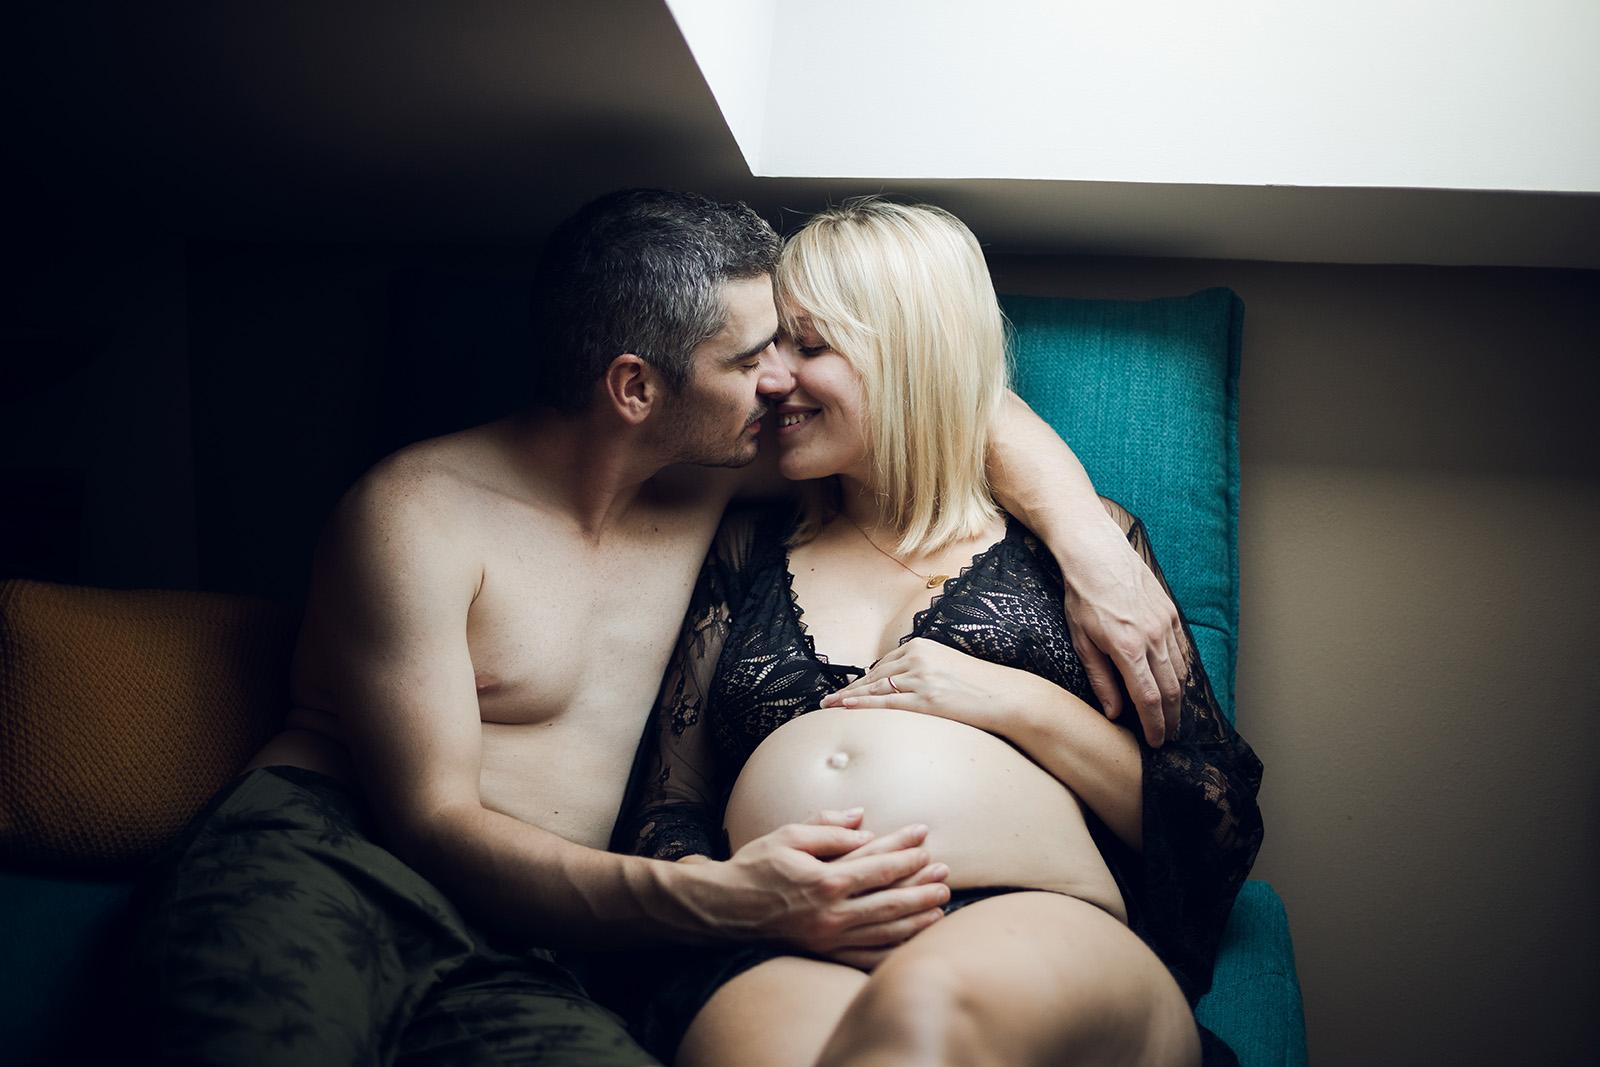 seance-photo-grossesse-portrait-couple-elise-julliard-photographe-lyon-auvergne-rhone-alpes-villefranche-sur-saone-beaujolais-love-session-famille-17